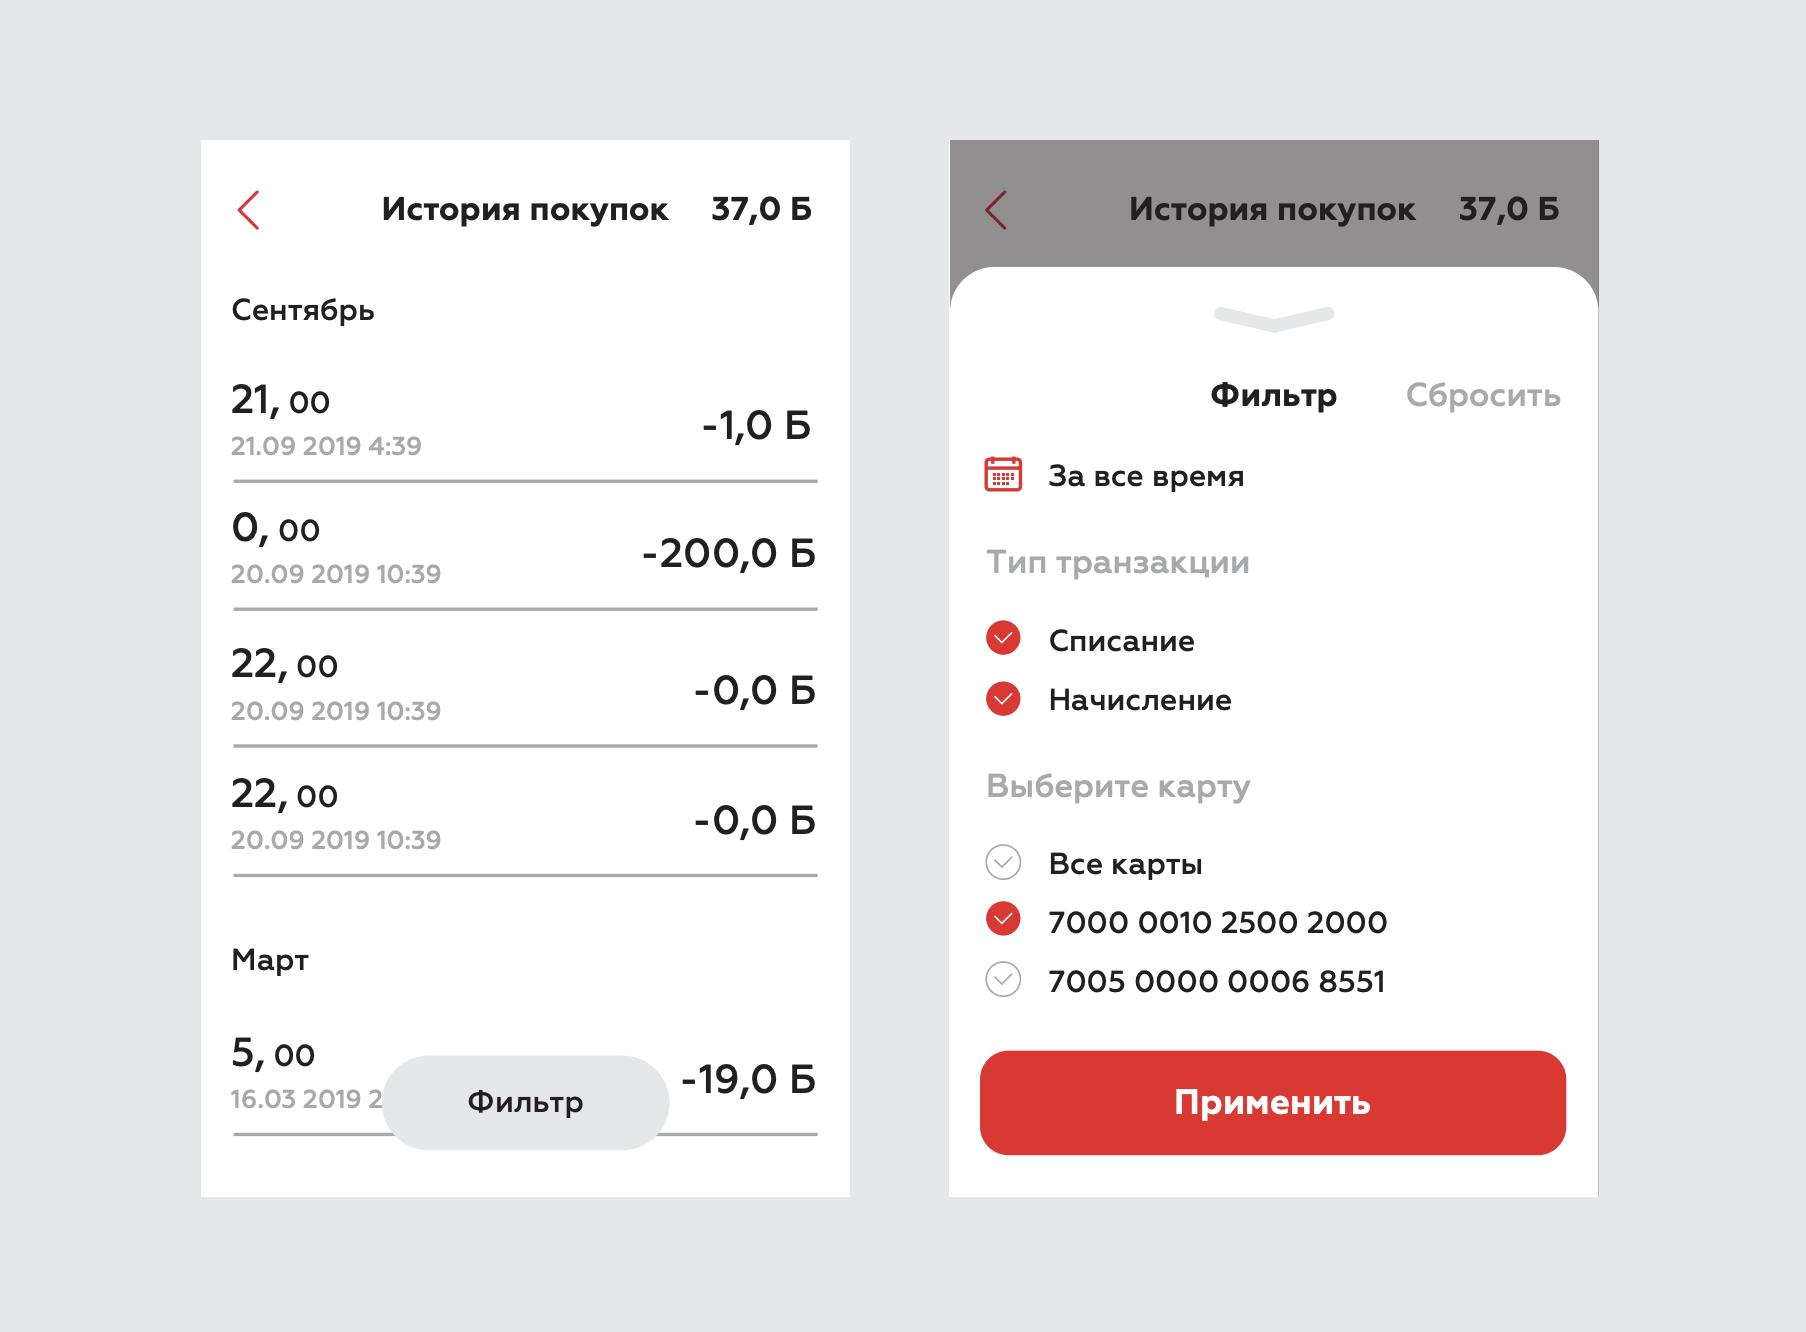 Как проверить количество накопленных бонусов Магнит по номеру карты в личном кабинете приложении